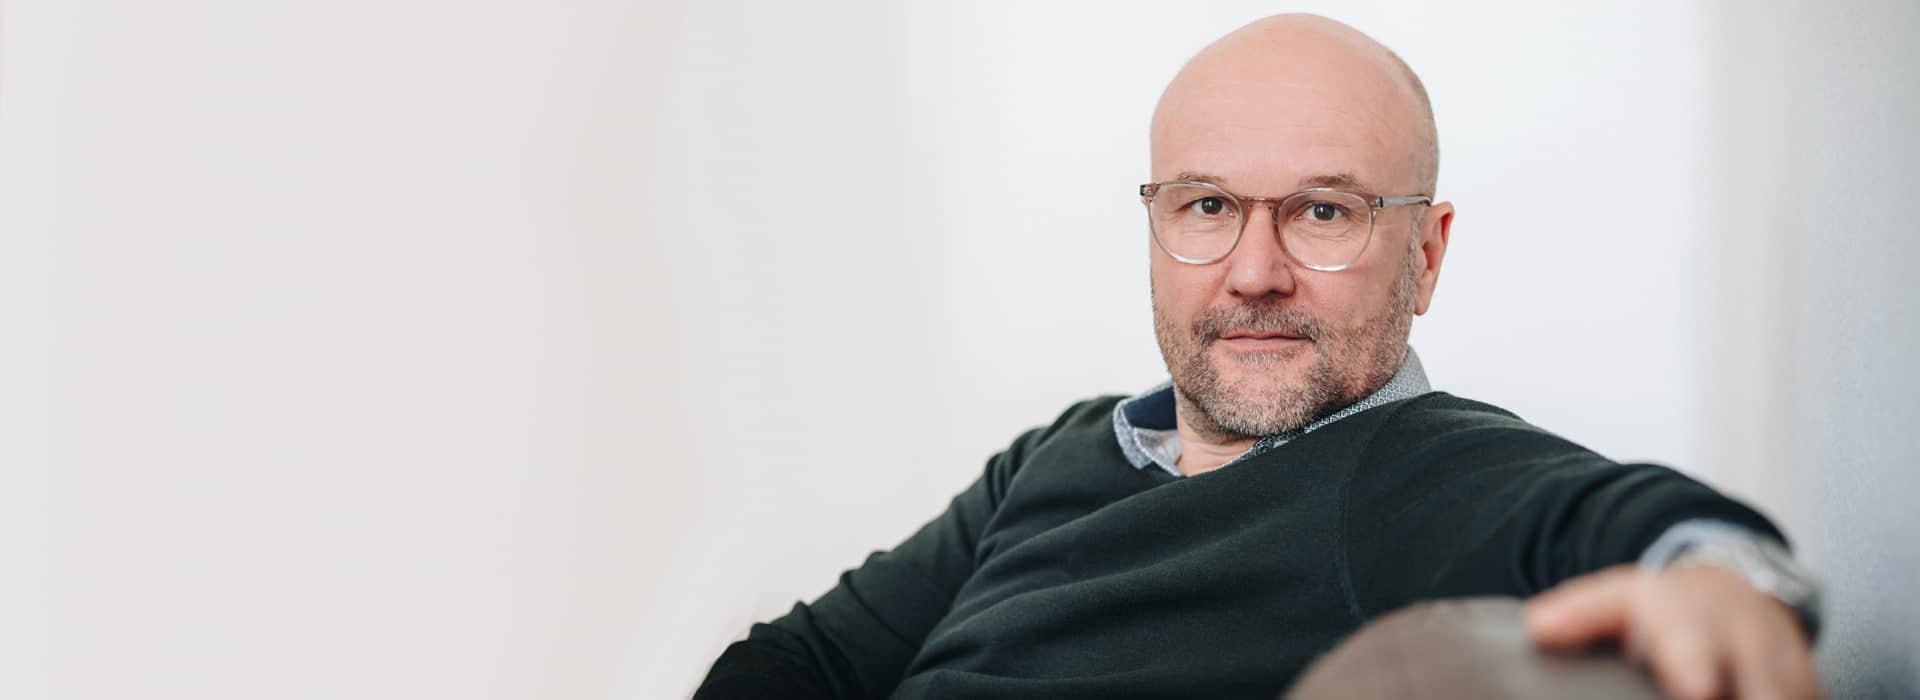 Holger Kuntze - Lösungsfokussierte Psychotherapie, Einzel-und Paartherapie in Berlin